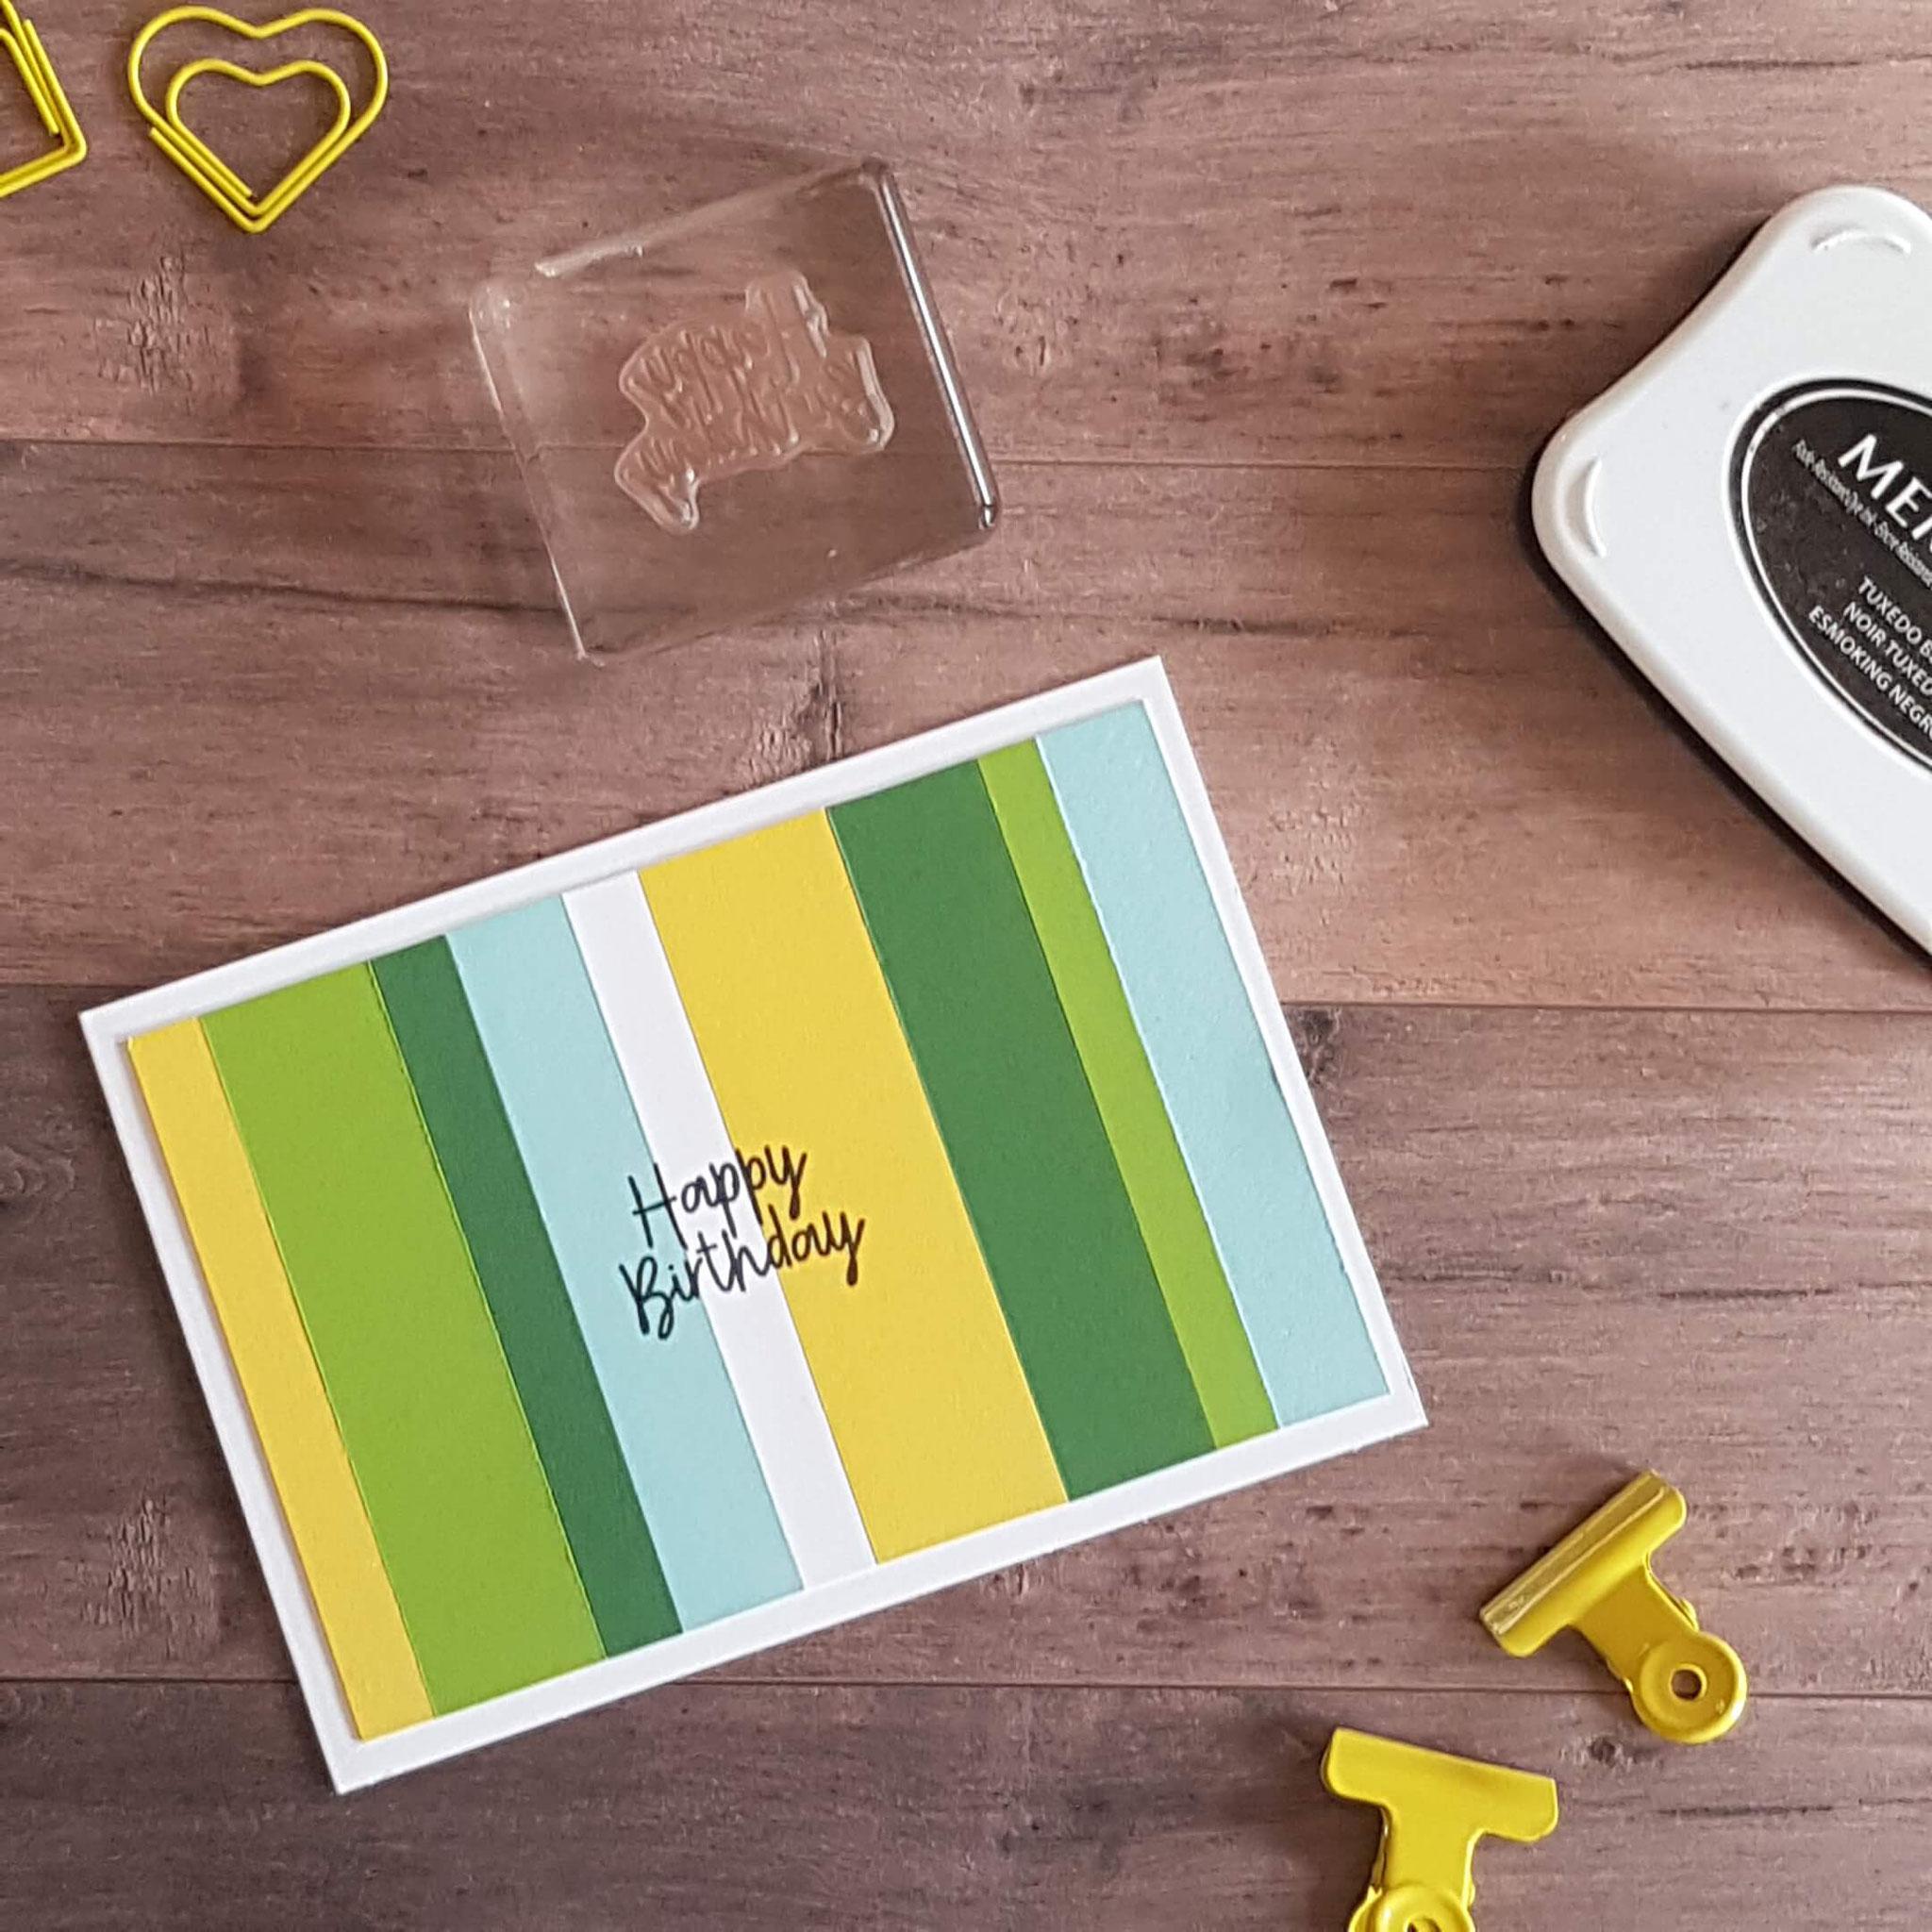 4. Das farblich passende Papier in verschieden breite Streifen schneiden und aufkleben! Eignet sich super zur Resteverwertung!